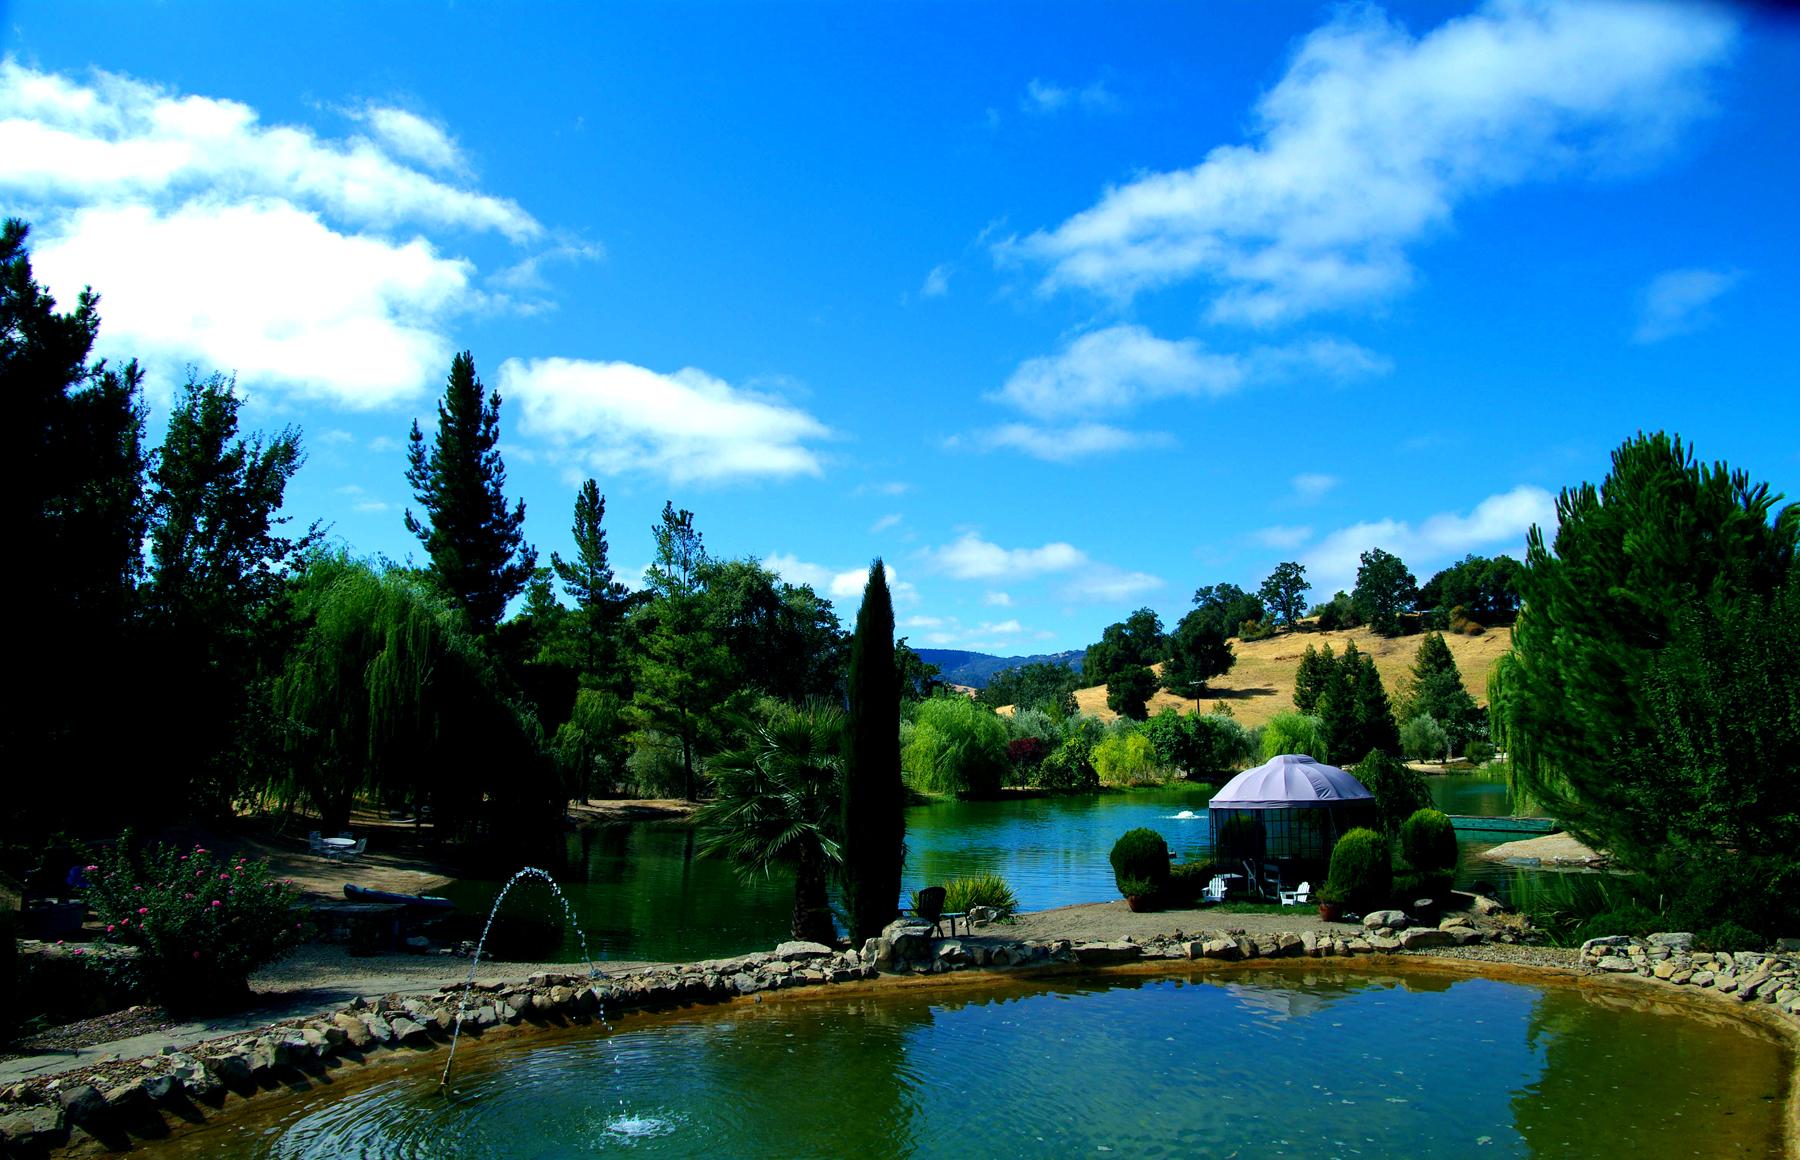 Lake and Pond